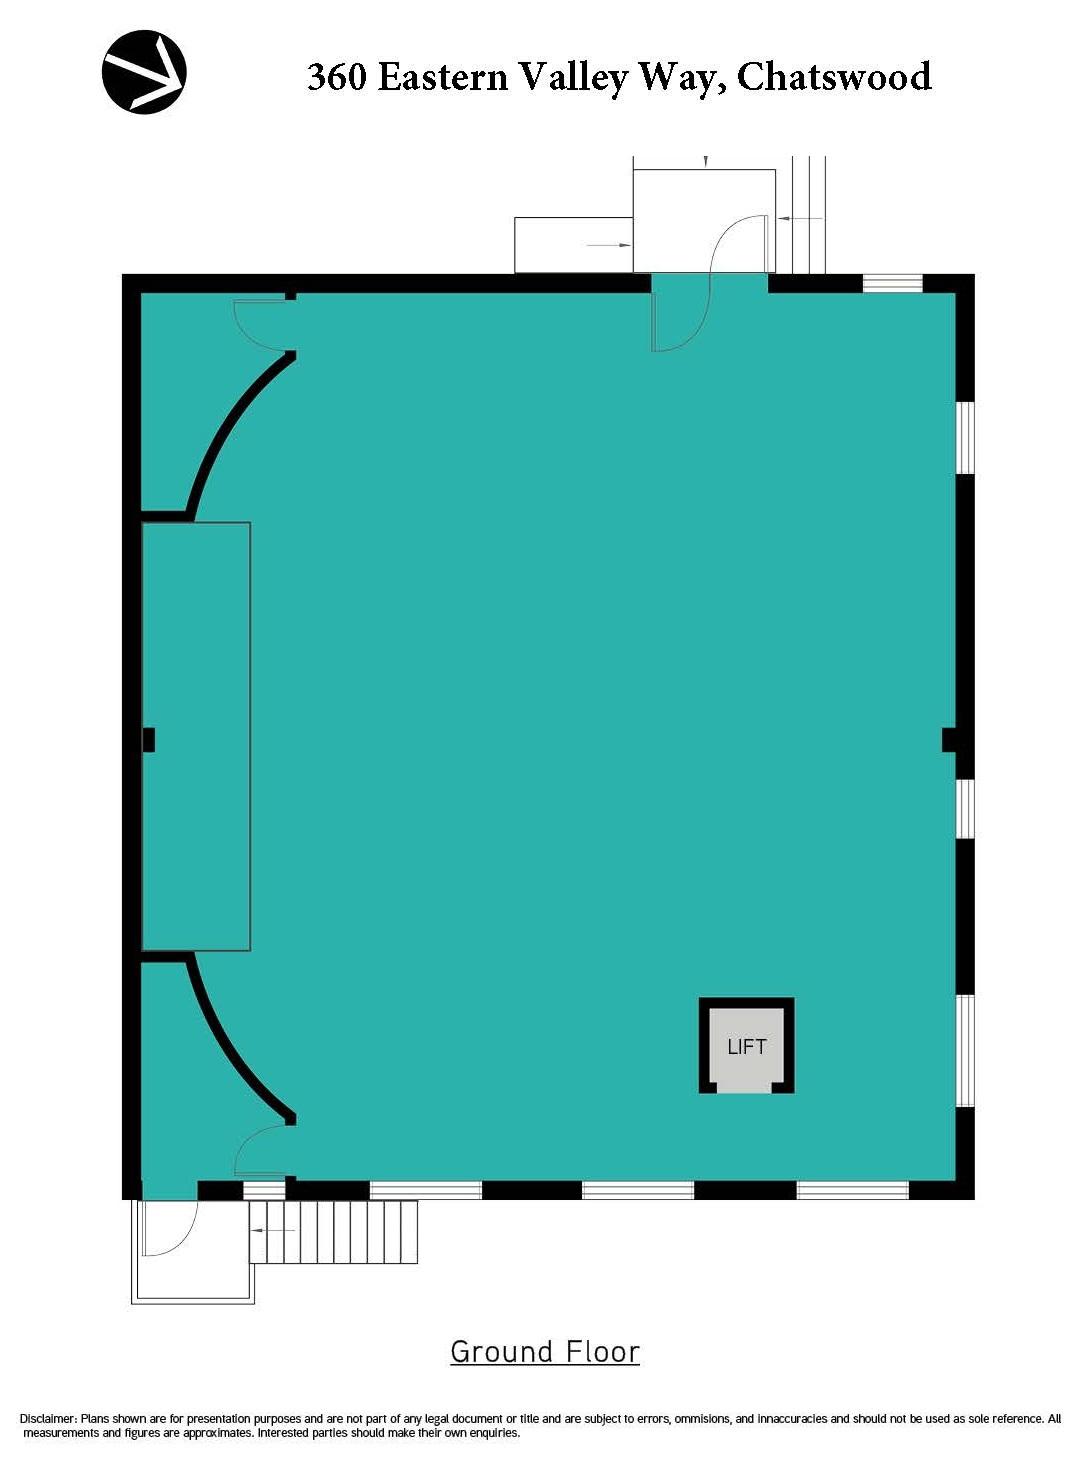 360 EVW Ground Floor